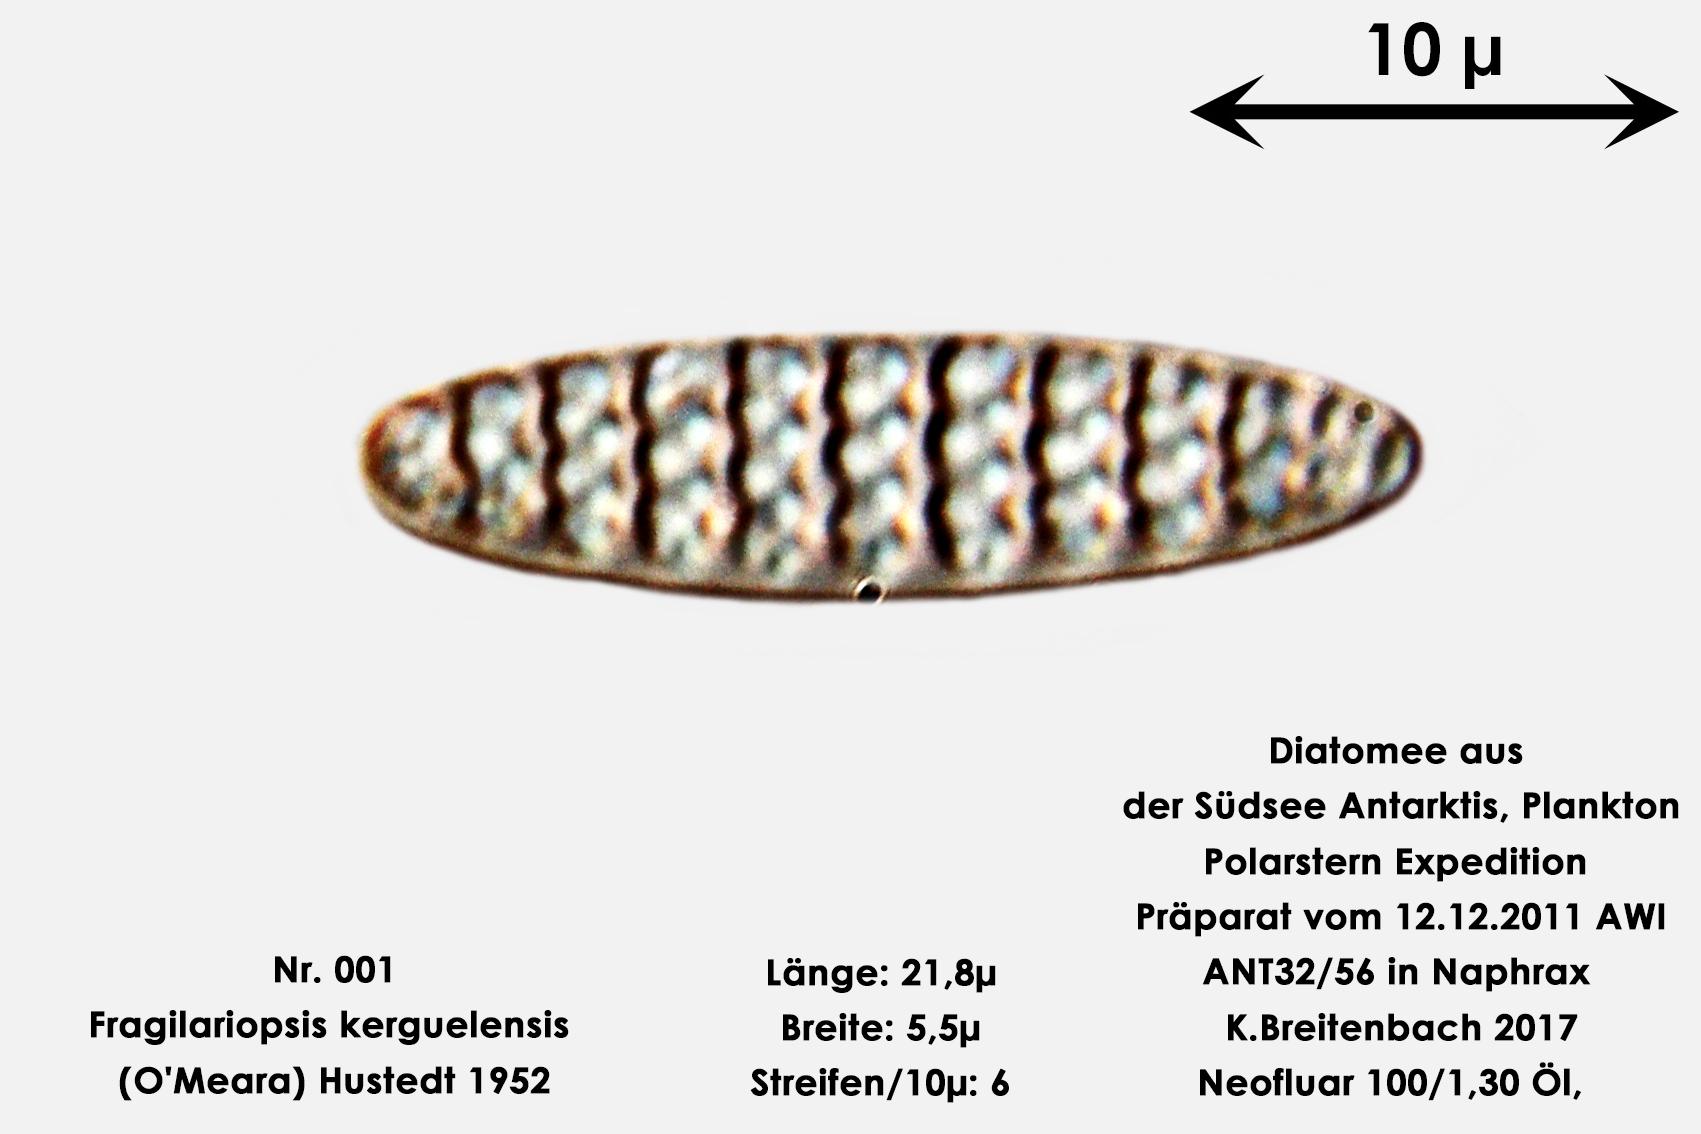 Bild 2 Art: Fragilariopsis kerguelensis (O'Meara) Hustedt 1952